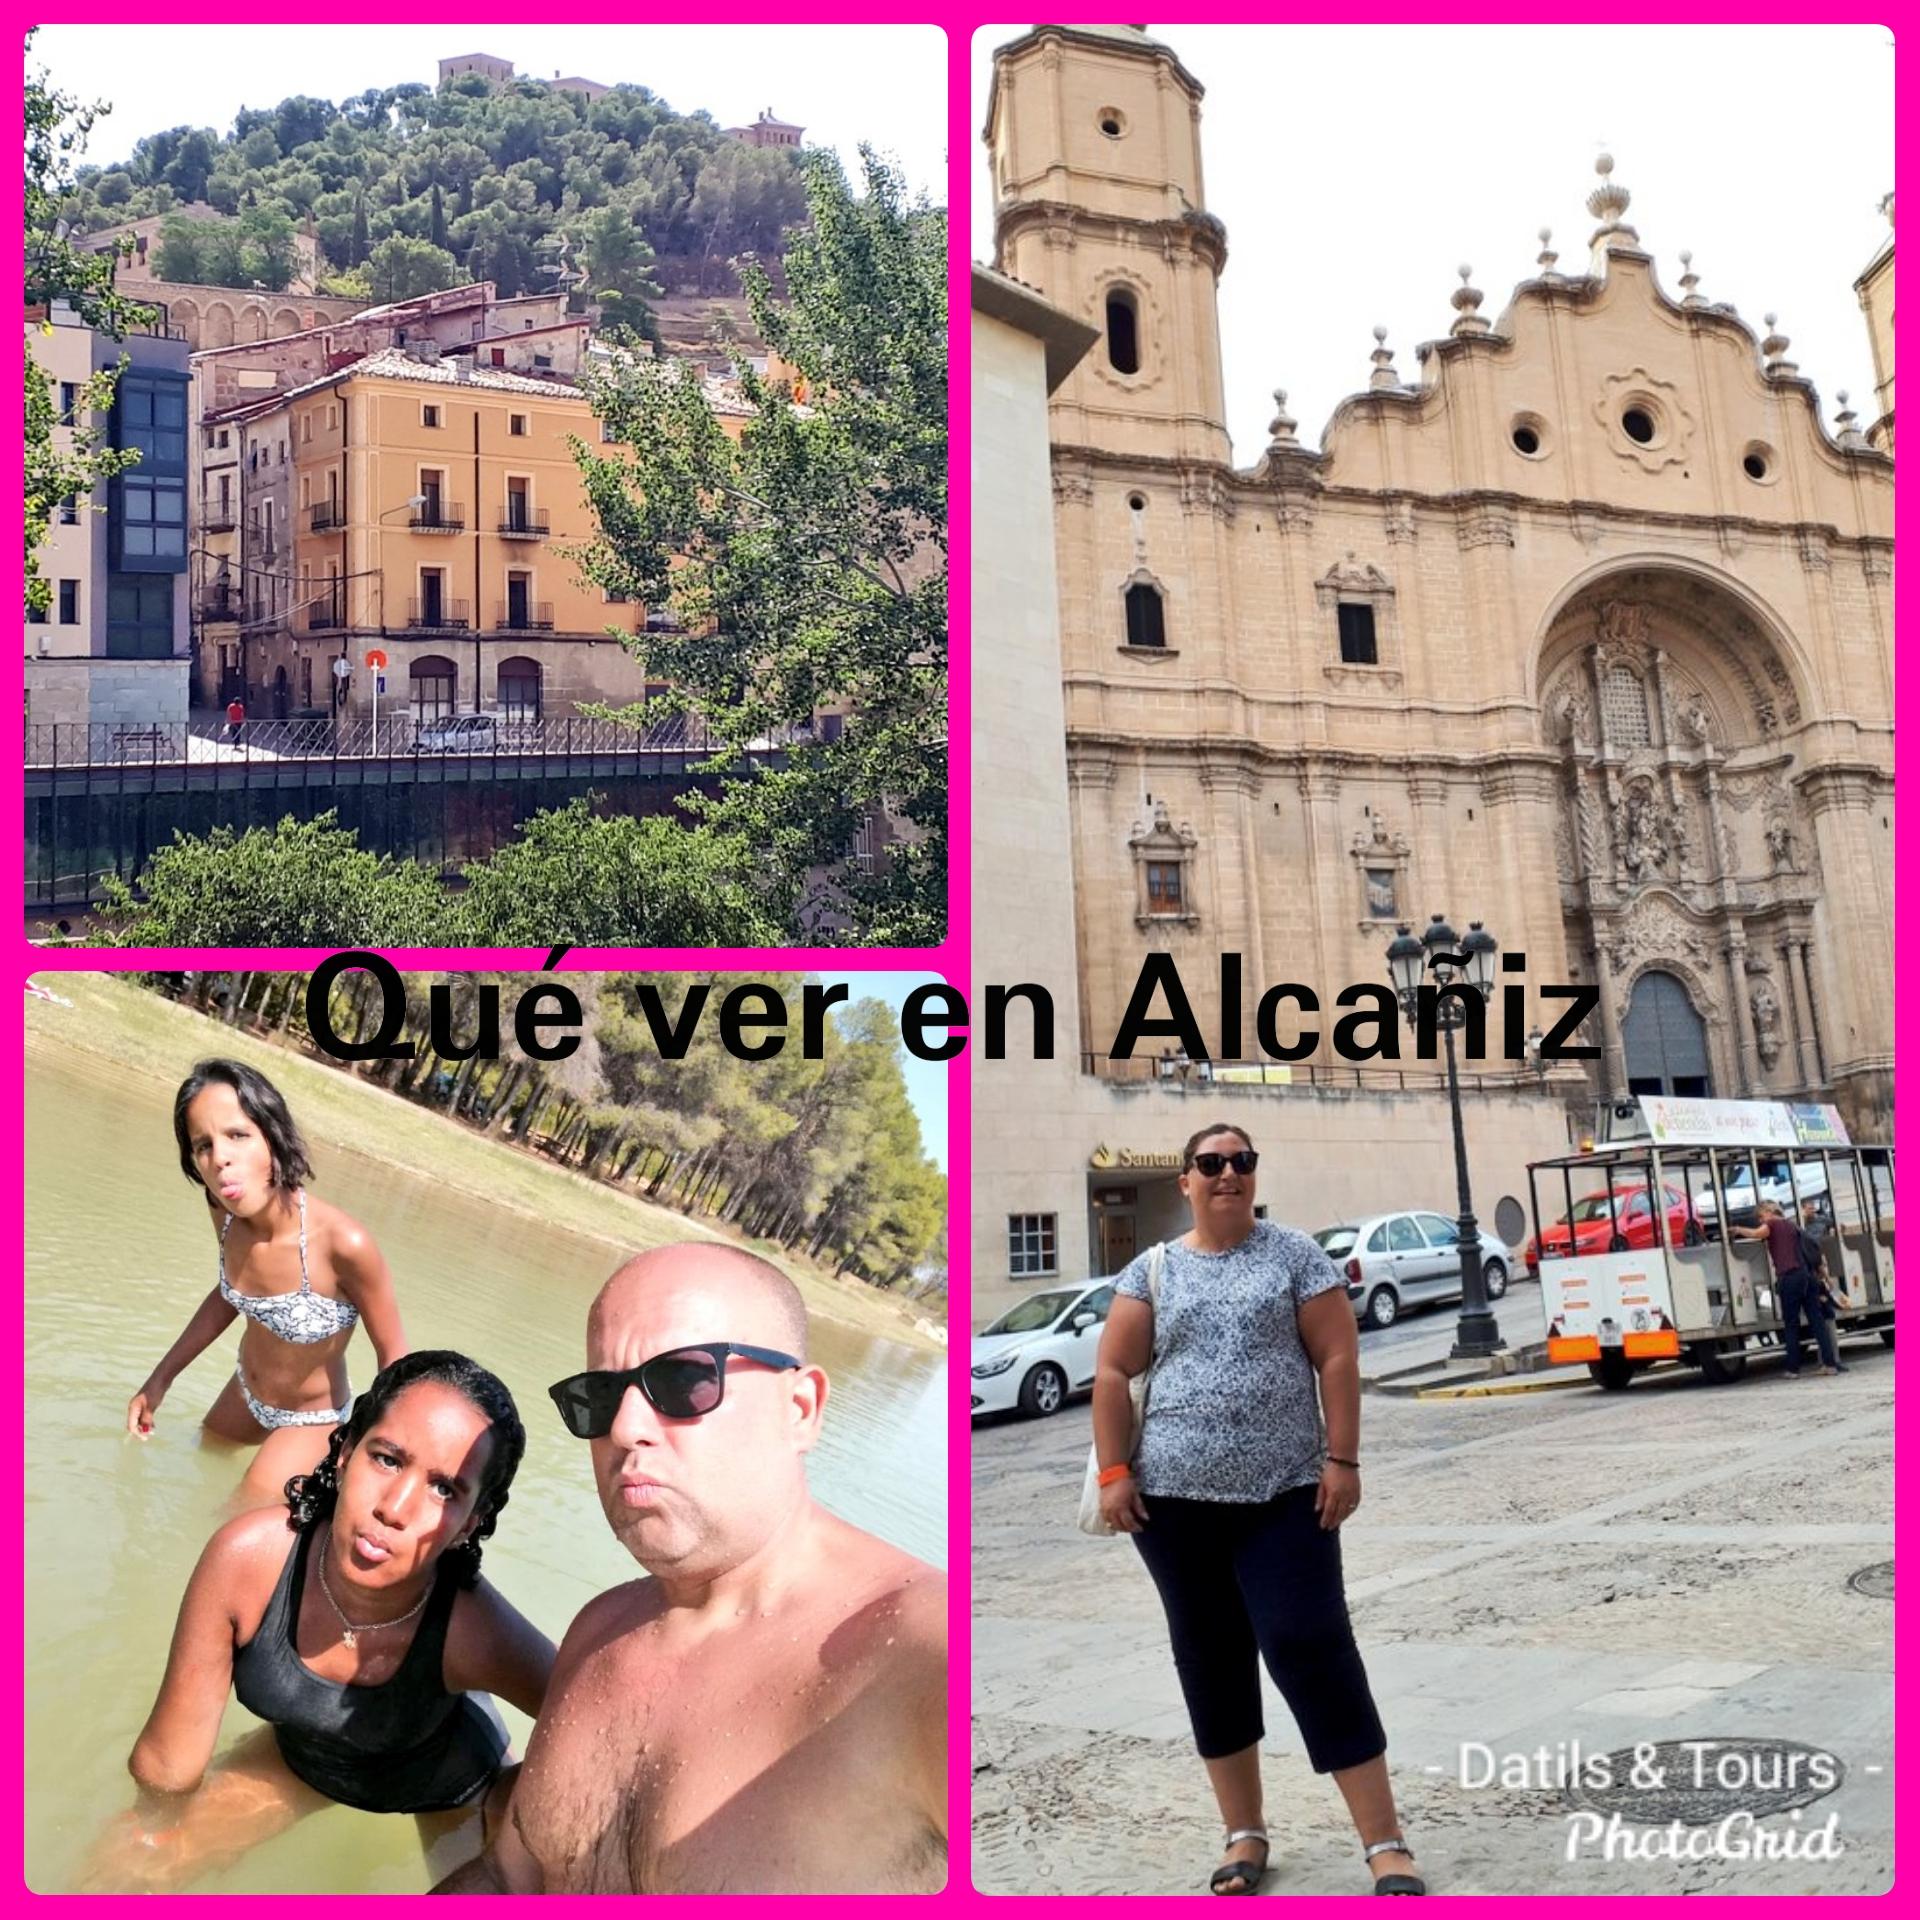 Qué ver en Alcañiz